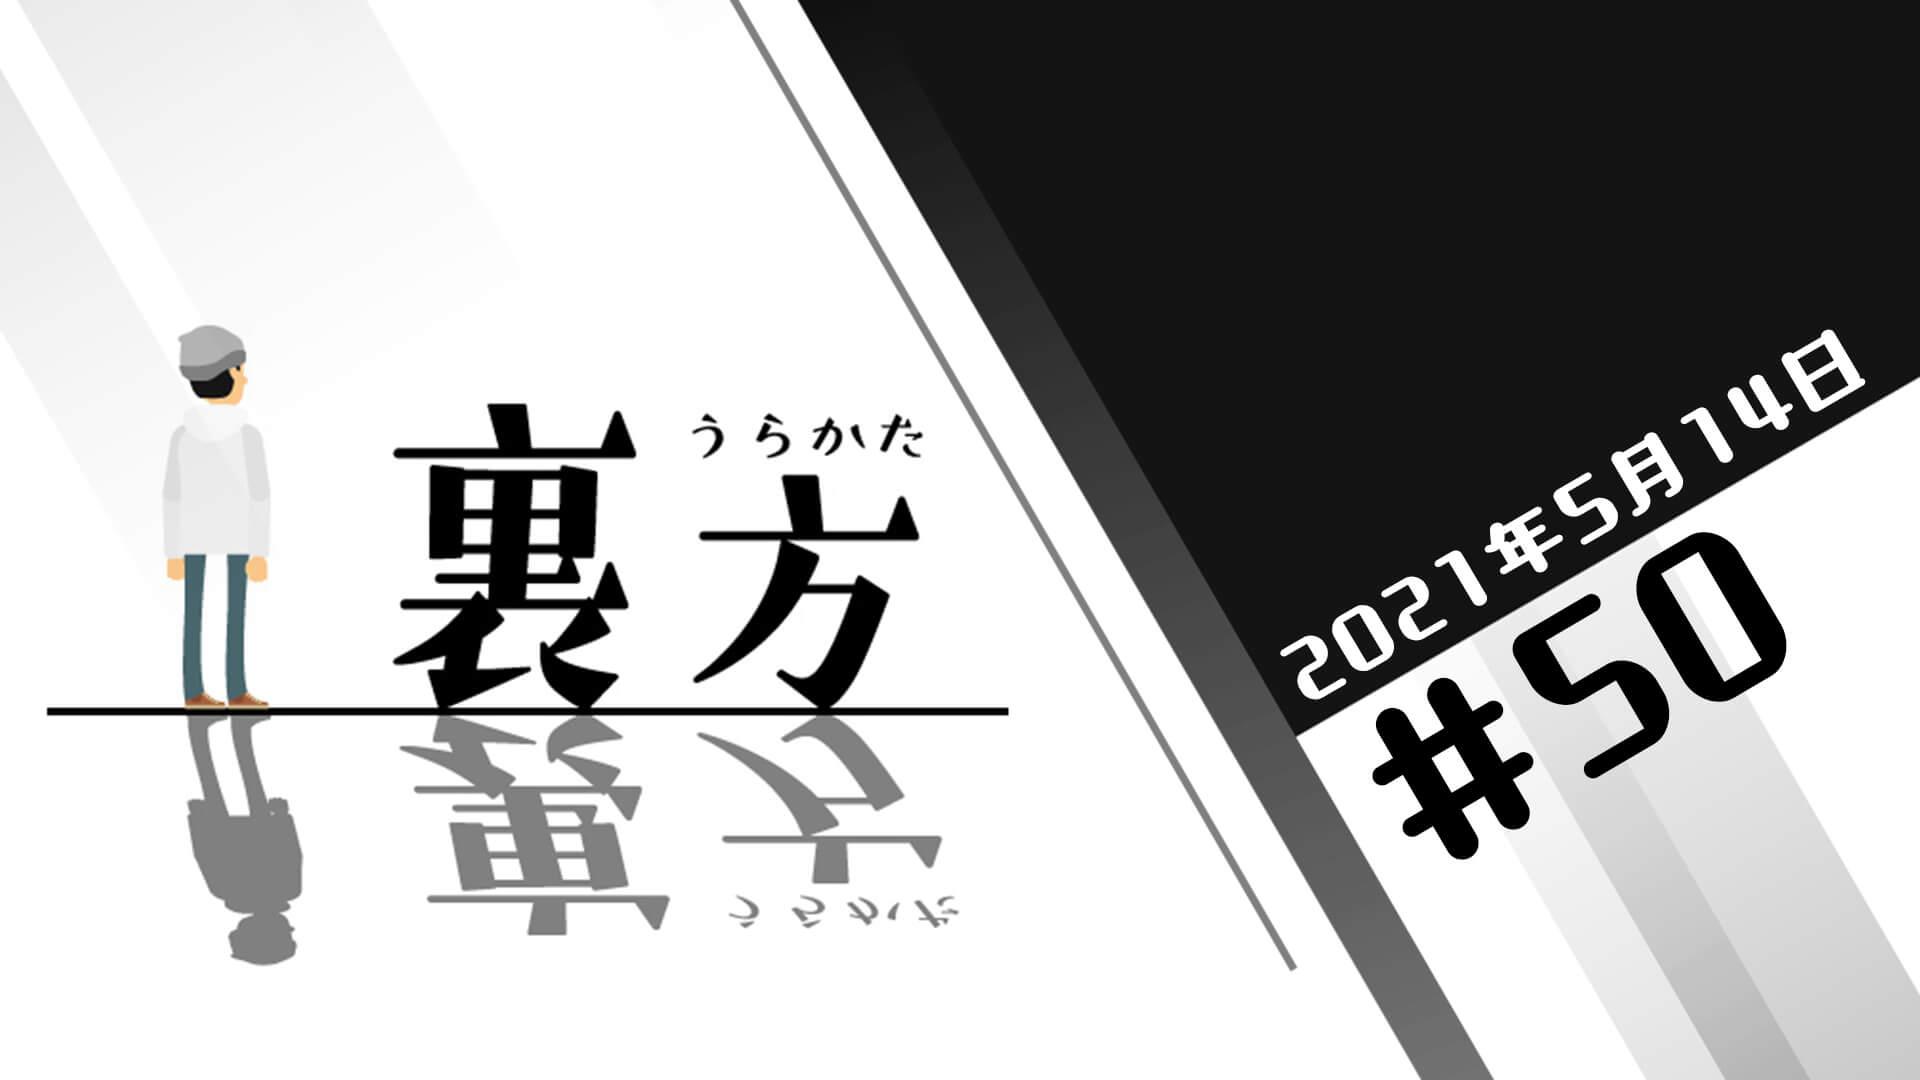 文化放送超!A&G+ 「裏方」#50 (2021年5月14日放送分)